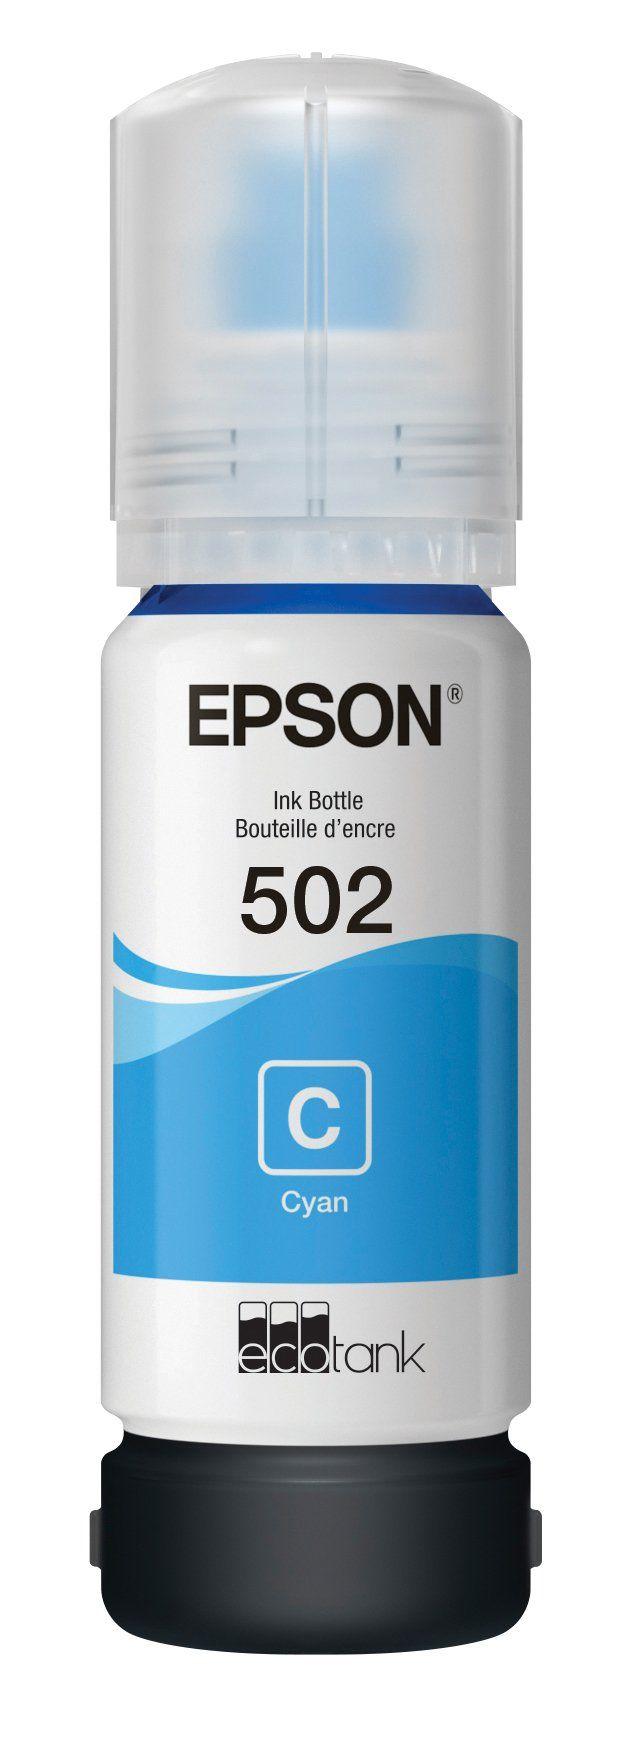 Epson T502 EcoTank Cyan Auto-Stop Ink Bottle (ET-2700, ET